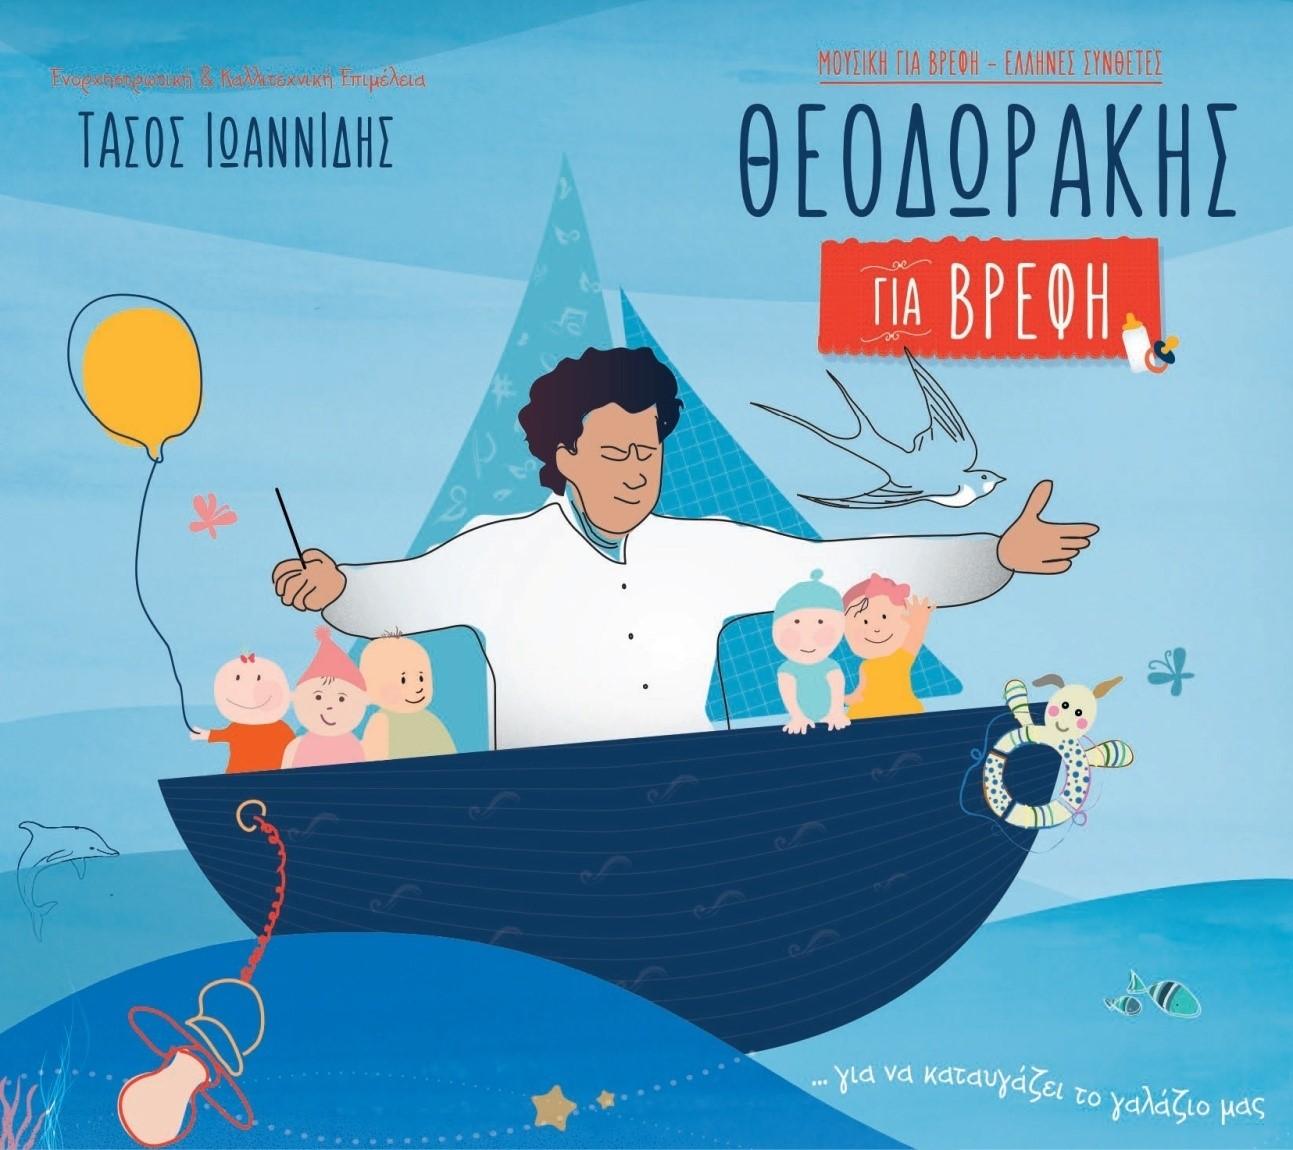 Αγαπημένα τραγούδια του Μίκη Θεοδωράκη διασκευασμένα για μικρά παιδιά – Thisisus.gr